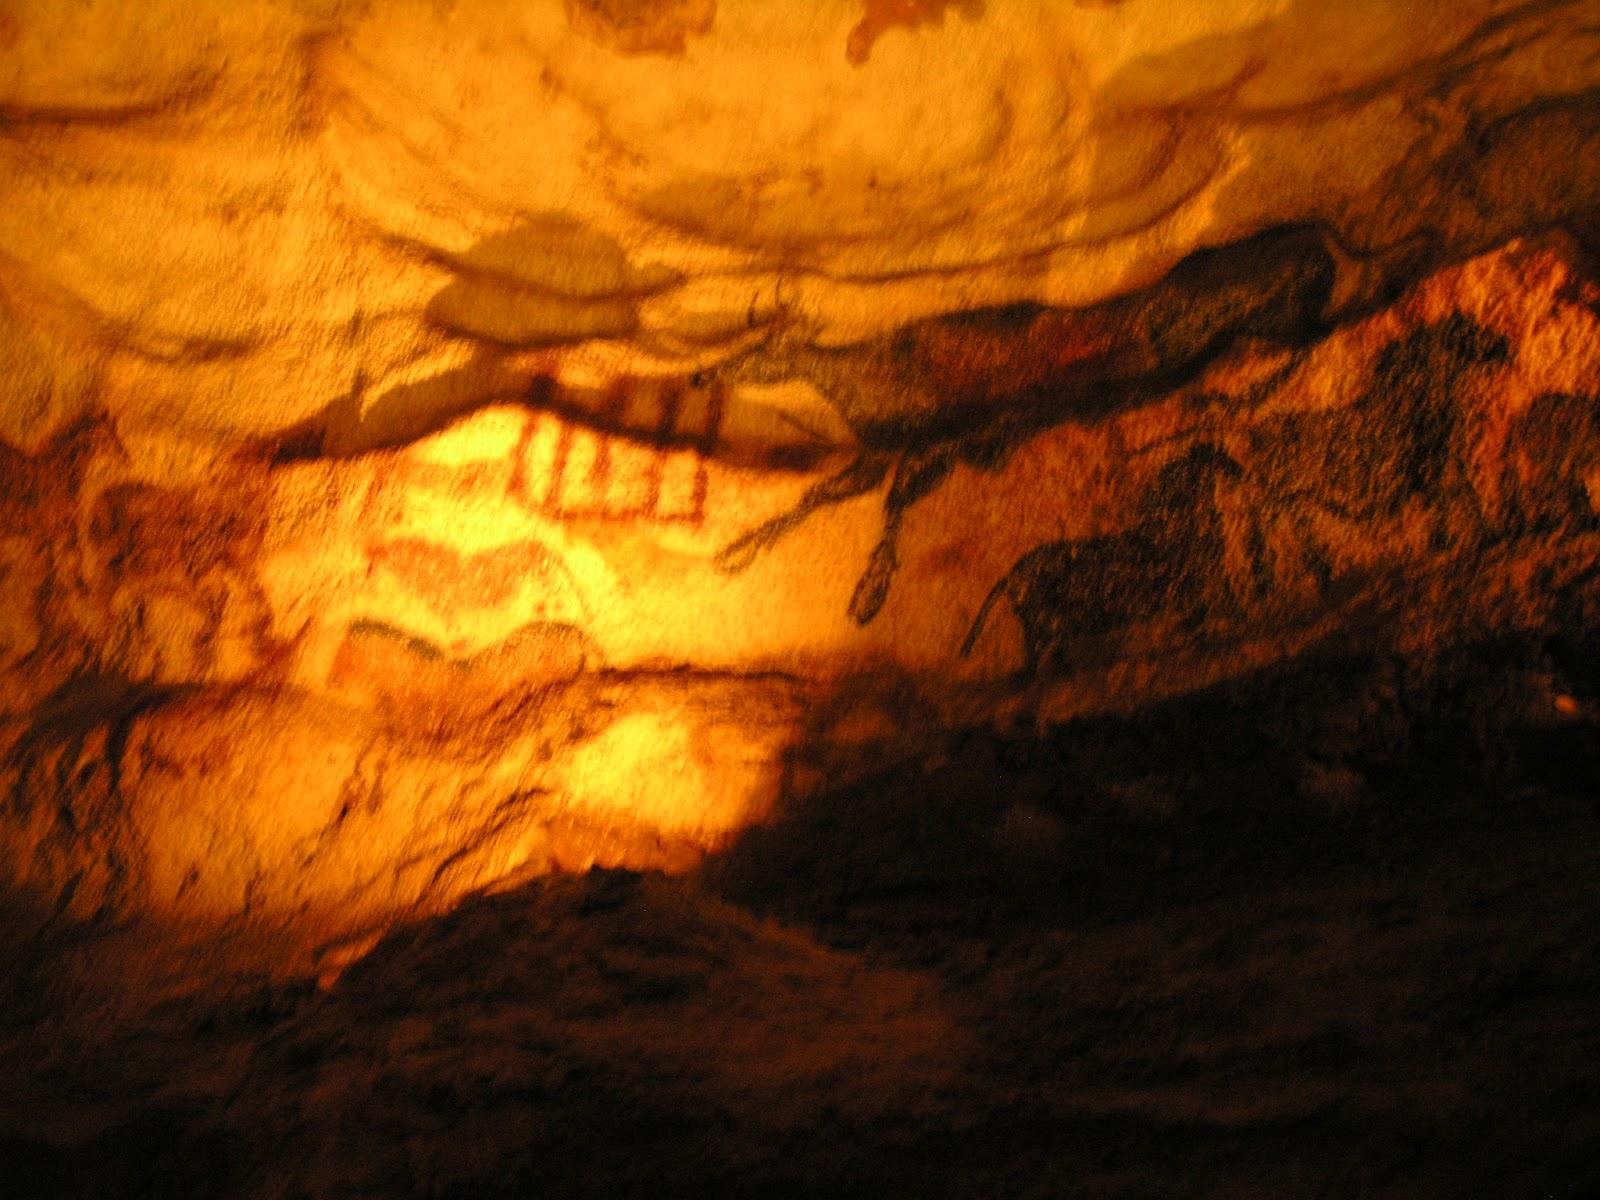 ラスコー洞窟の馬の壁画